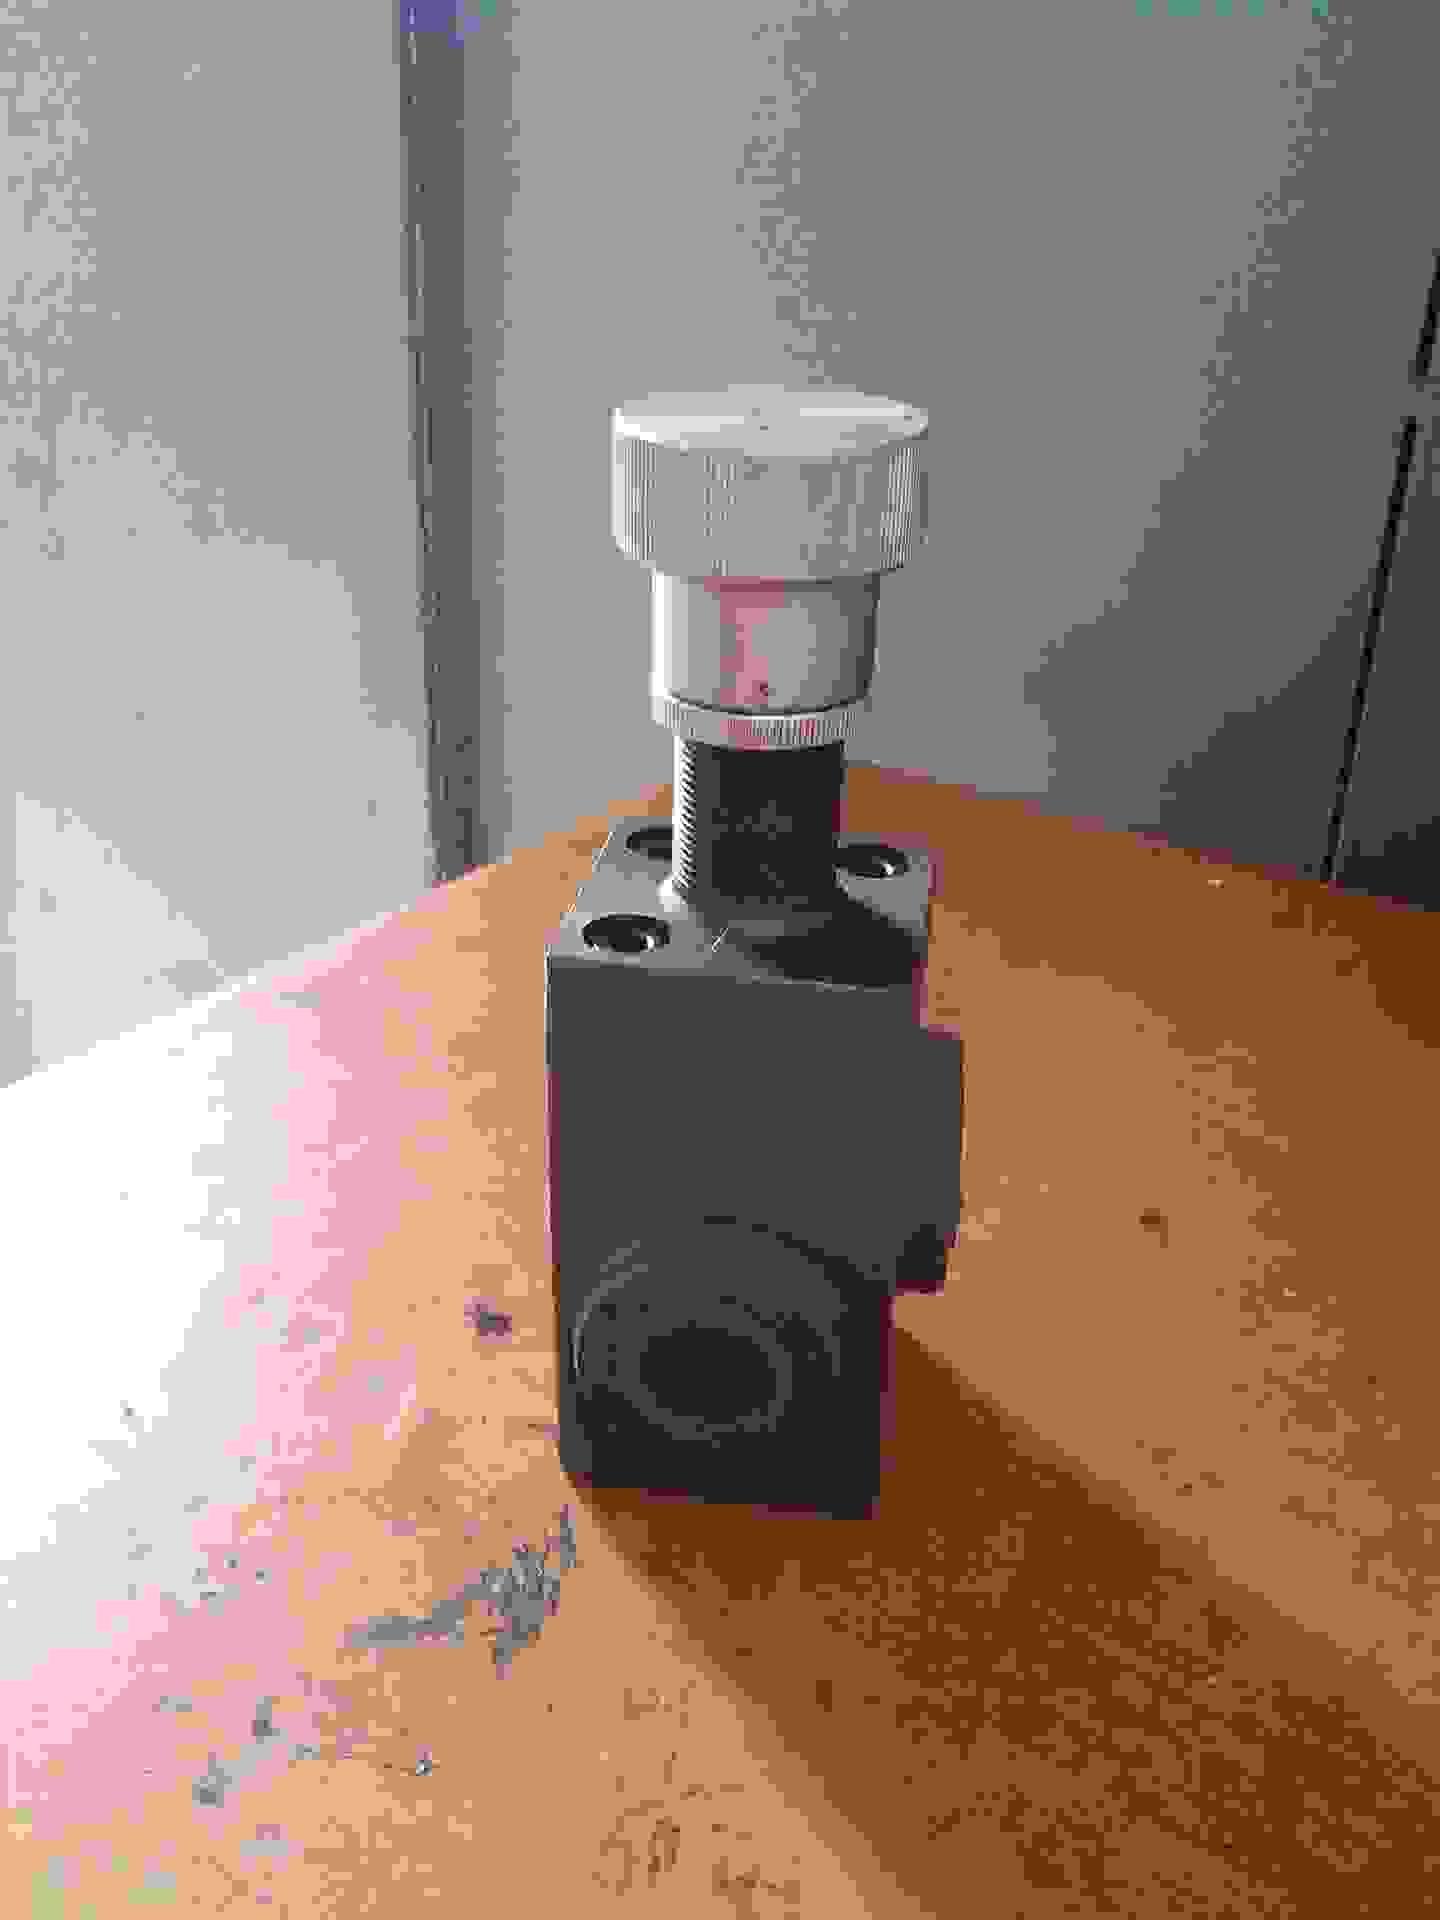 泰州市企业名录 泰兴市华宇摆线油泵厂 产品供应 > 低压溢流阀中压图片